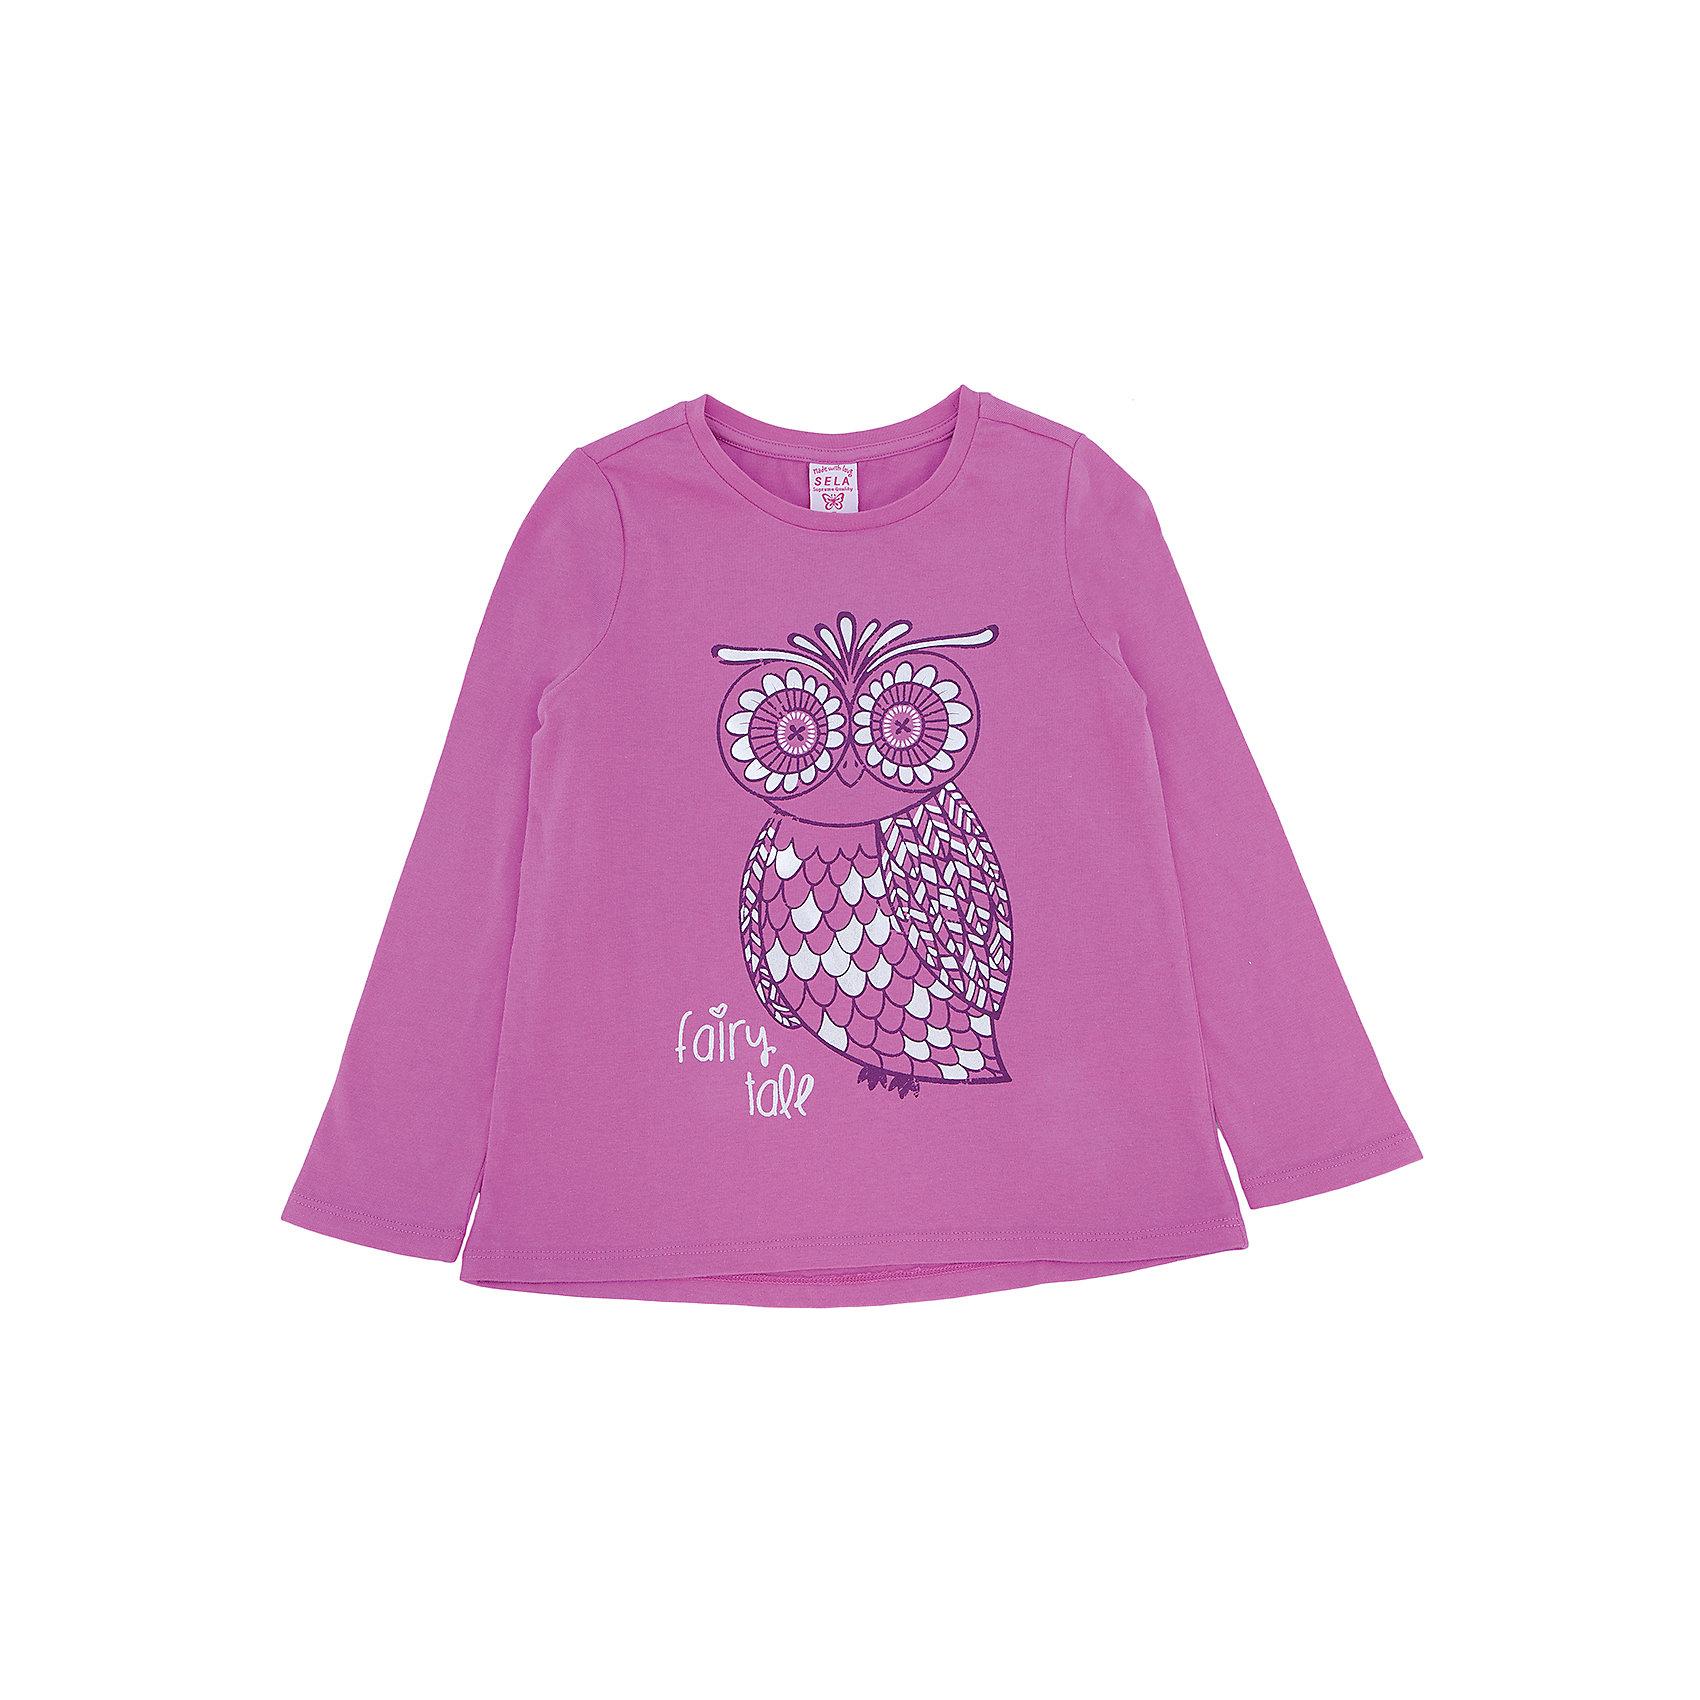 Футболка с длинным рукавом для девочки SELAФутболки с длинным рукавом<br>Футболка с длинным рукавом для девочки из коллекции осень-зима 2016-2017 от известного бренда SELA. Удобный хлопковый джемпер на каждый день. Приятный розовый цвет и цветочный рисунок придут по вкусу модницам и любительницам цветов. Джемпер отлично подойдет к юбкам и к джинсам.<br><br>Дополнительная информация:<br>- Длина: нормальная<br>- Рукав: длинный<br>- Силуэт: прямой<br>Состав: 100% хлопок <br><br>Джемпер для девочек Sela можно купить в нашем интернет-магазине.<br><br>Подробнее:<br>• Для детей в возрасте: от 2 до 6 лет<br>• Номер товара: 4913421<br>Страна производитель: Китай<br><br>Ширина мм: 190<br>Глубина мм: 74<br>Высота мм: 229<br>Вес г: 236<br>Цвет: розовый<br>Возраст от месяцев: 24<br>Возраст до месяцев: 36<br>Пол: Женский<br>Возраст: Детский<br>Размер: 98,92,104,116,110<br>SKU: 4913420